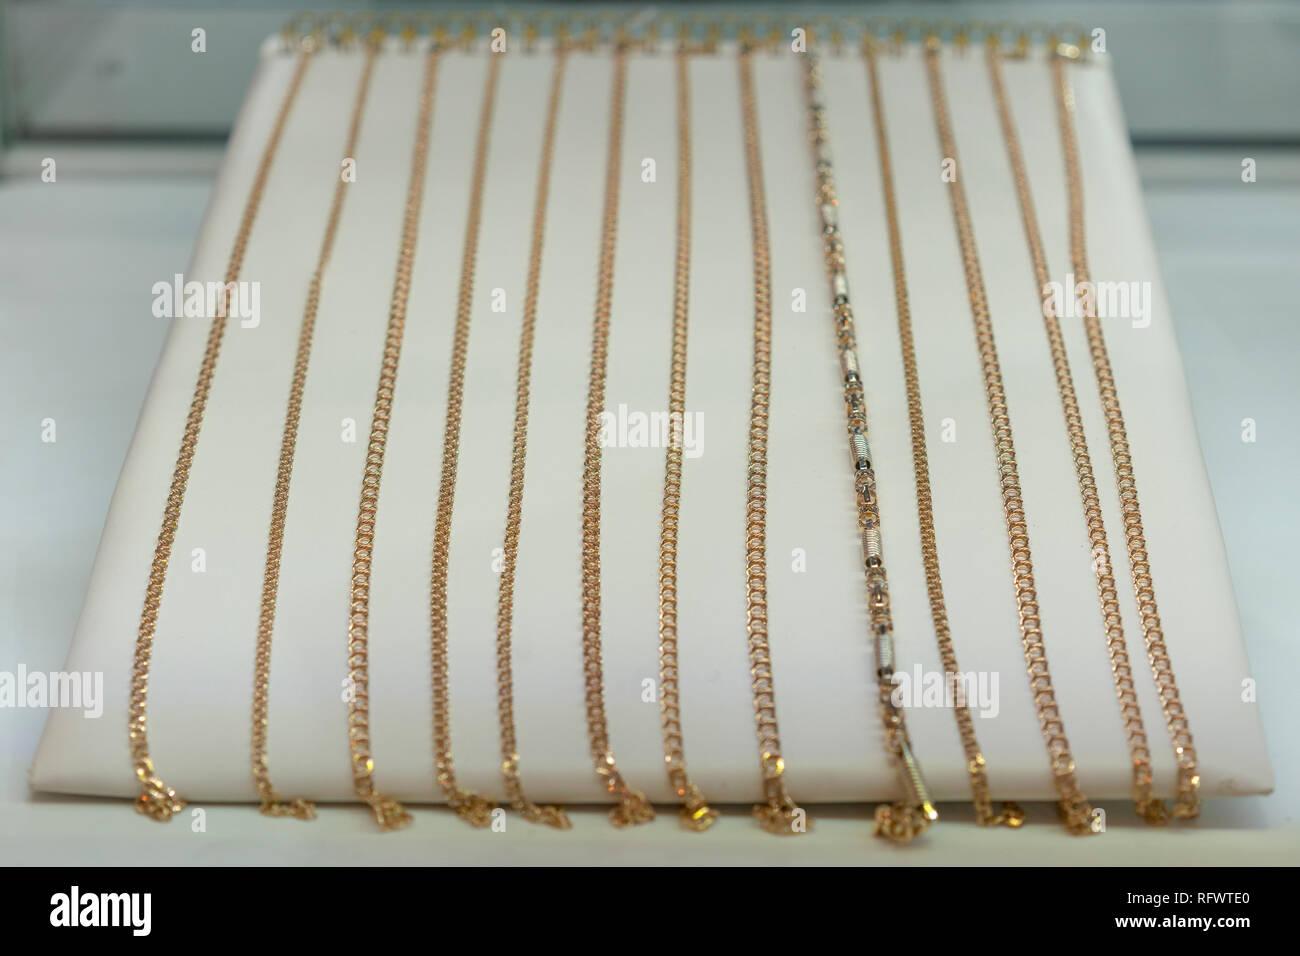 5b44e1aec772 Cadenas de oro en la vitrina de la joyería de oro. Collar de oro en fondo  rojo en el escaparate de lujo joyas - joyería de oro brillante cadena de  platino